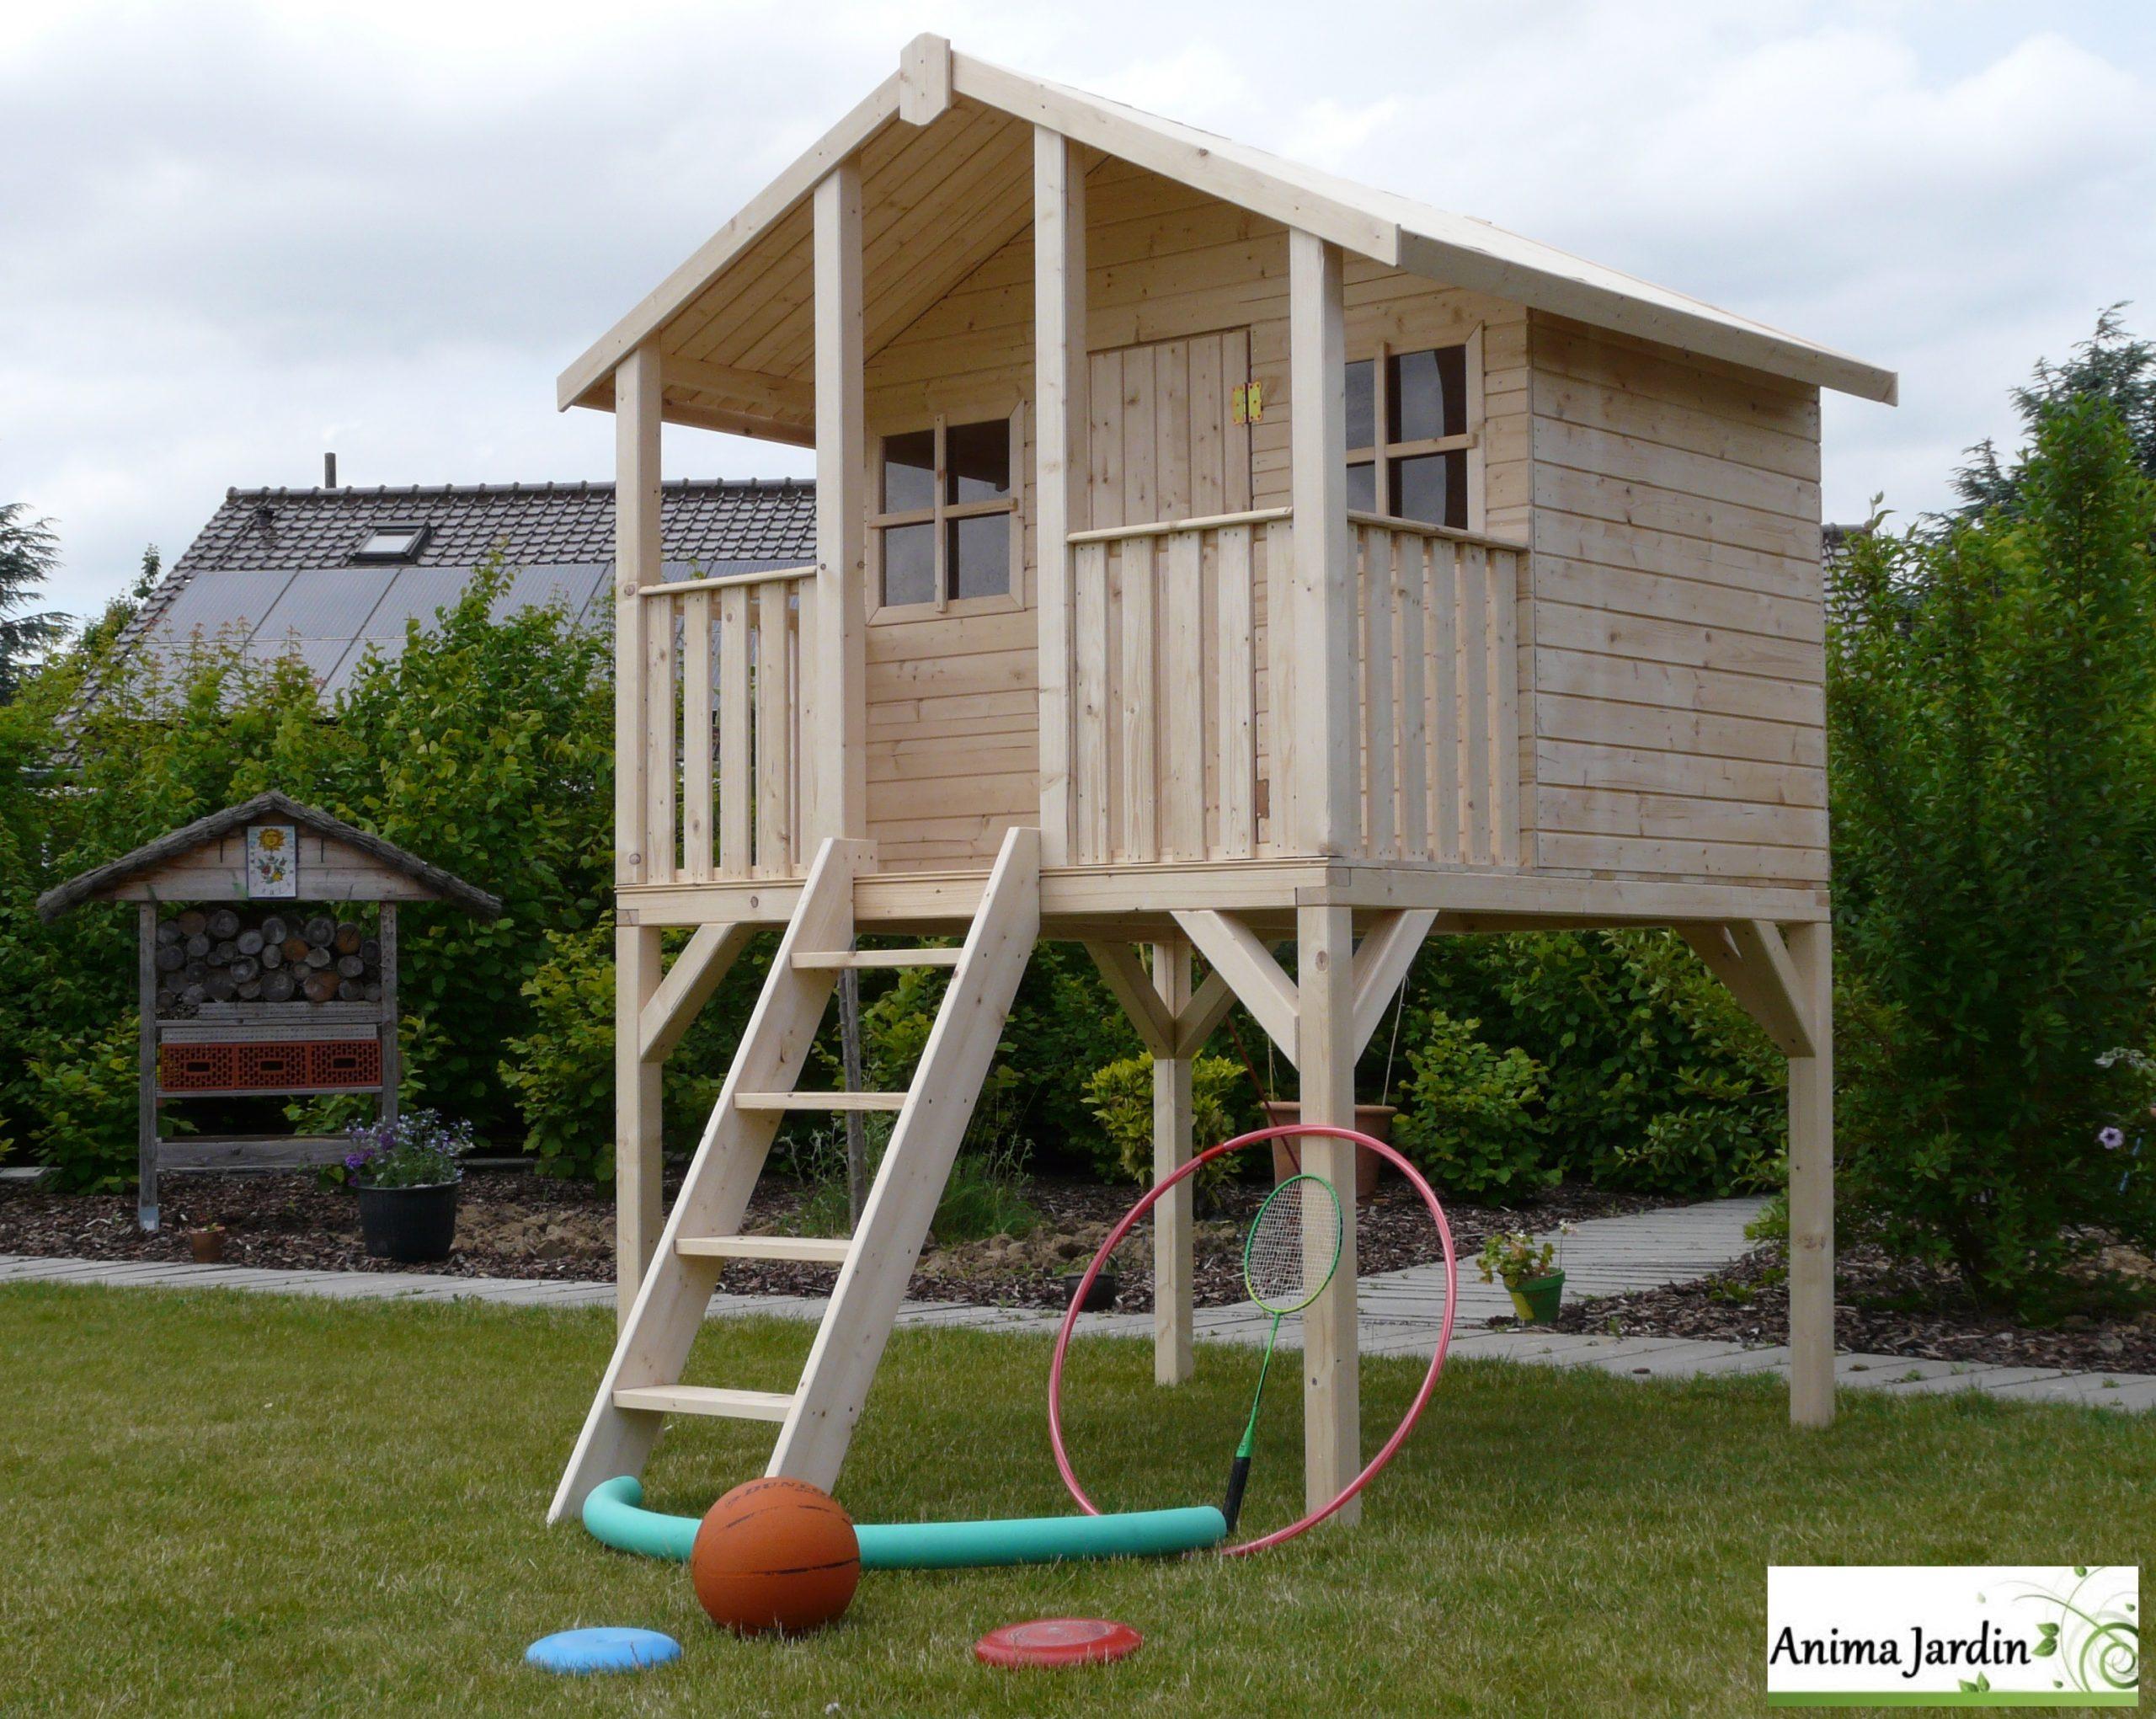 Cabane En Bois Surélevée Sur Pilotis, 3M², Toit Deux Pentes ... serapportantà Cabane De Jardin Enfant Pas Cher